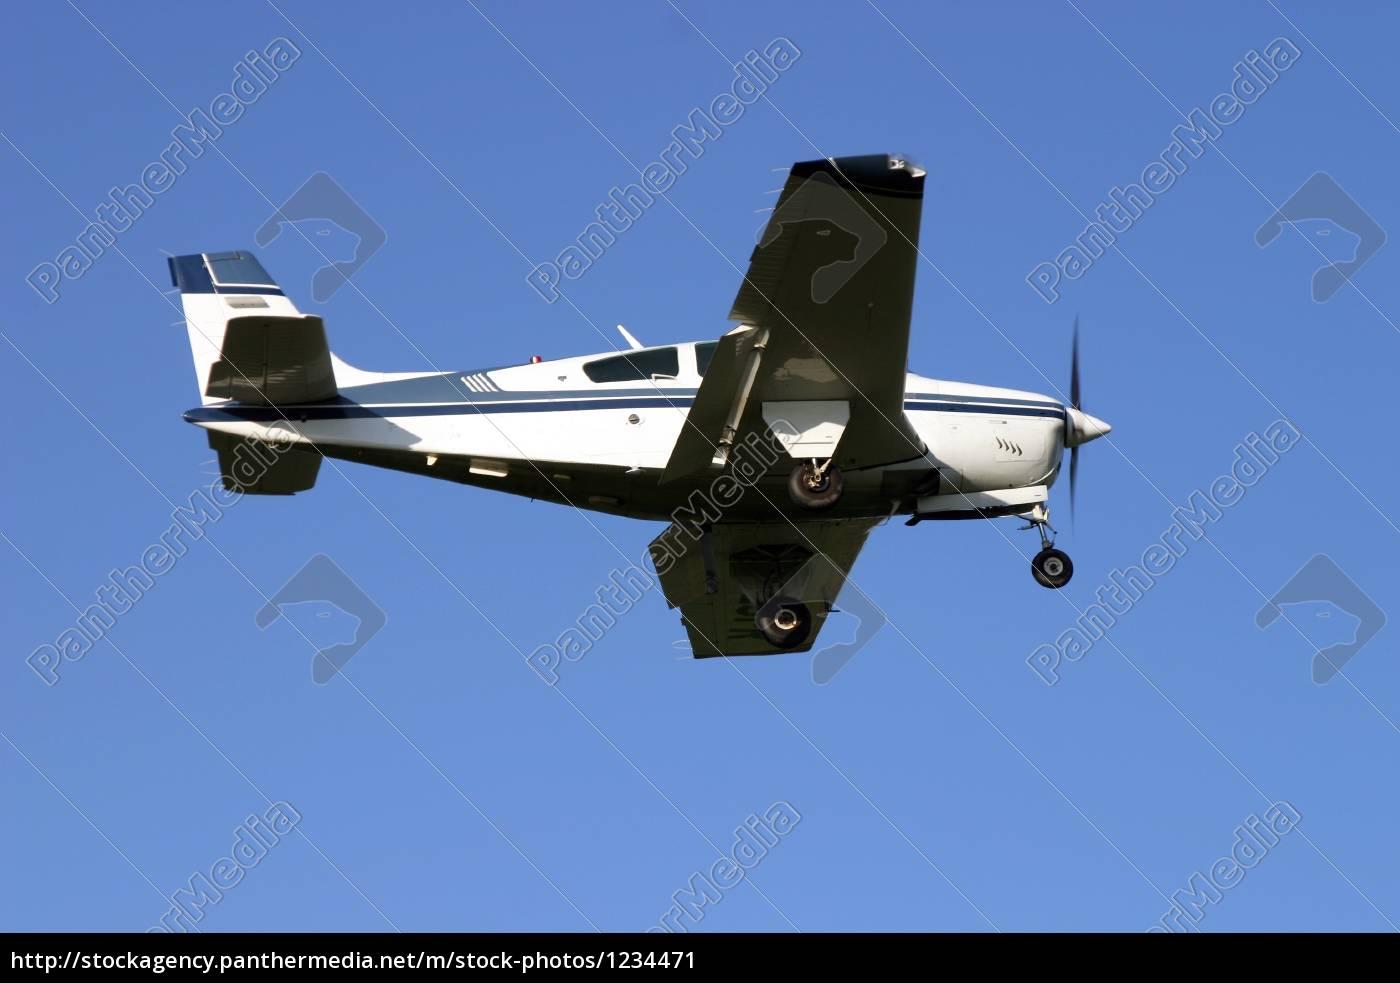 propeller, machine, 5 - 1234471